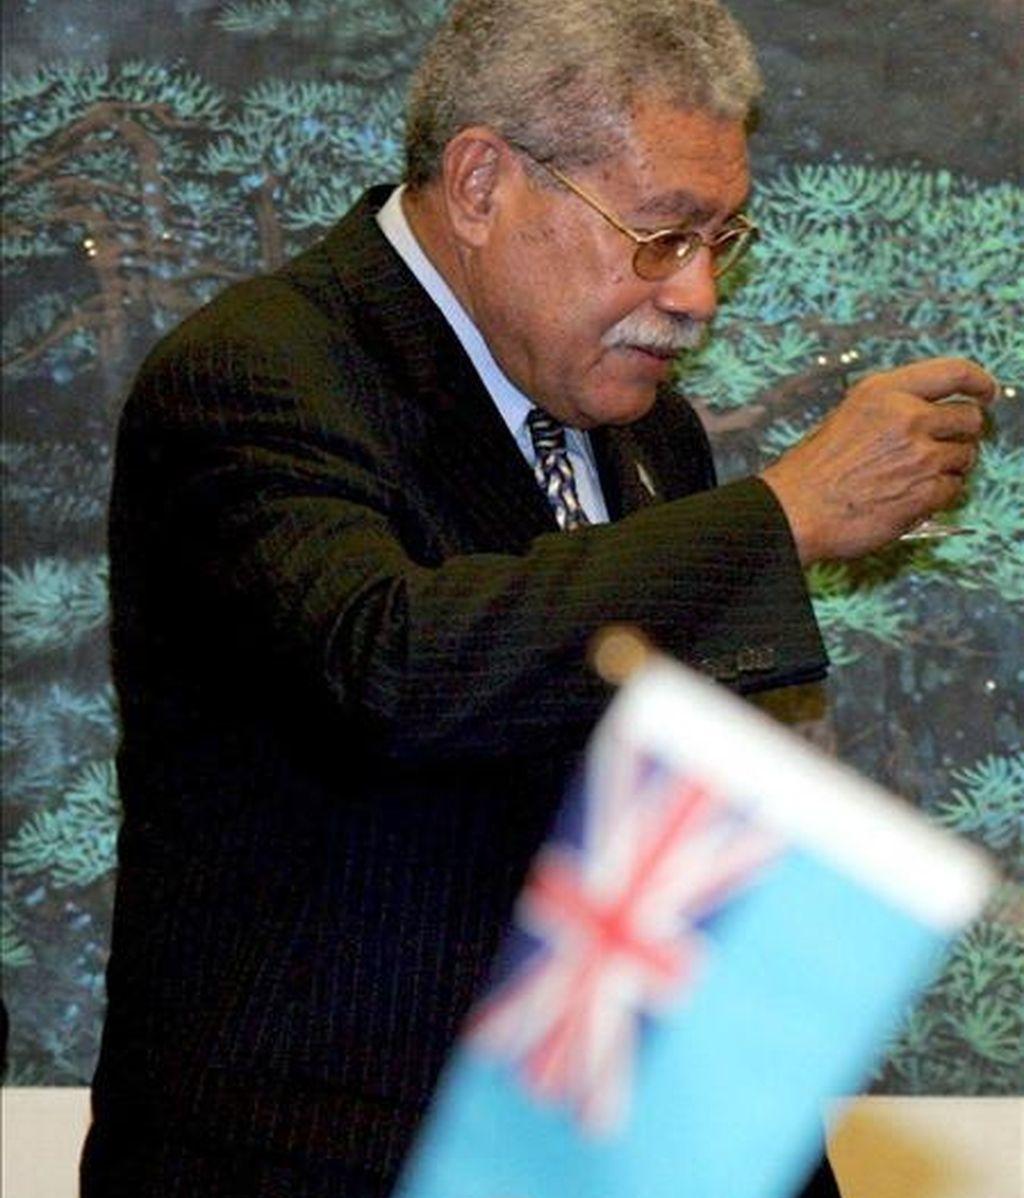 Las medidas de Iloilo llegaron un día después de que el Tribunal de Apelaciones declarara ilegal la disolución del Gobierno del ex primer ministro Laisenia Qarase (en la foto) a manos de los golpistas encabezados por Bainimarama, y ordenará su destitución como jefe del Ejecutivo fiyiano. EFE/Archivo